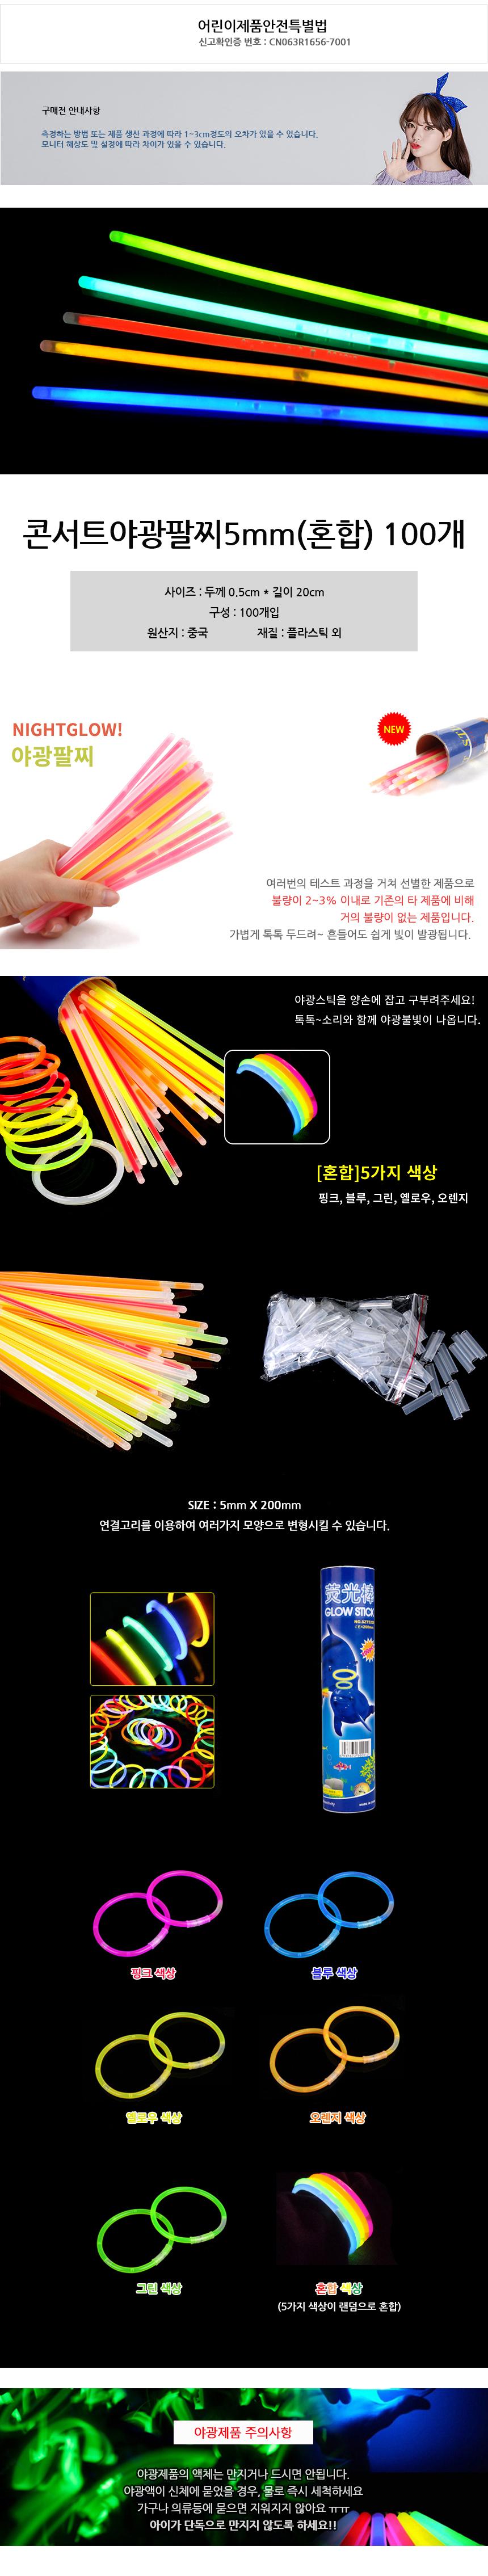 야광팔찌수입5mm(혼합100개) - 파티스토리, 9,000원, 파티용품, 펀/놀이용품